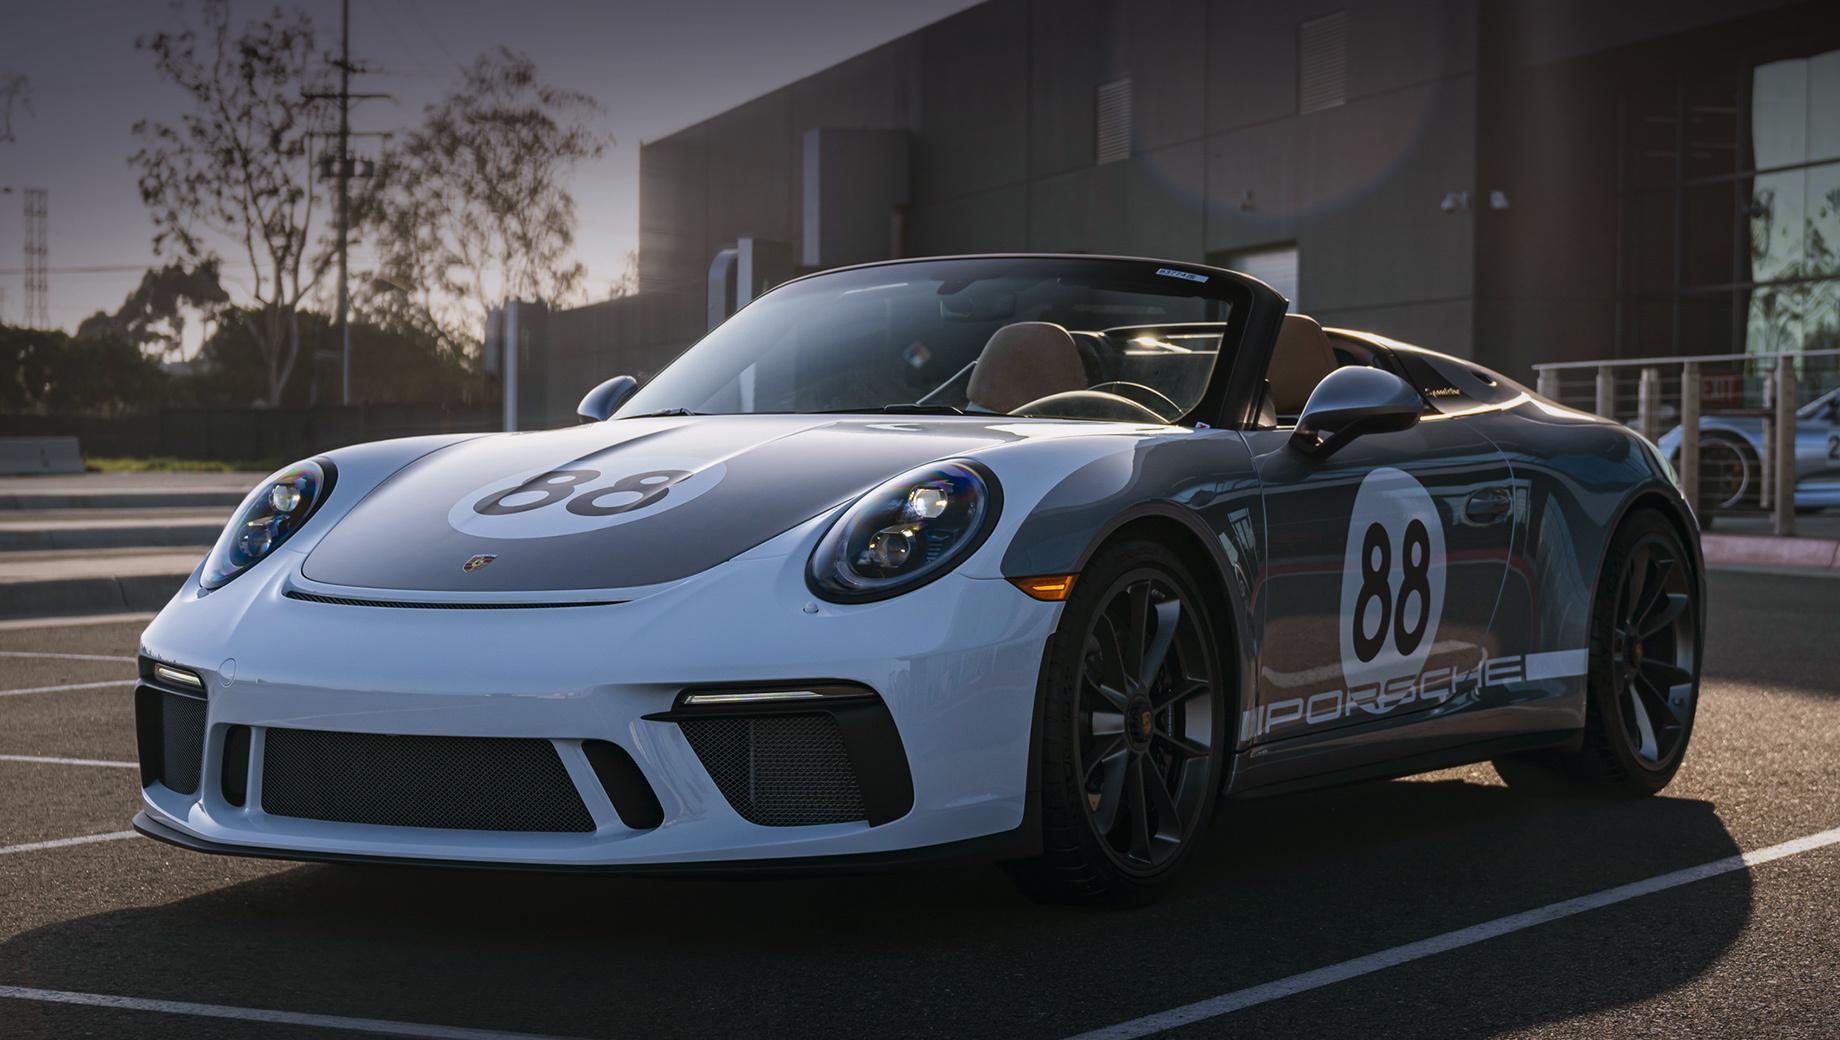 Один из спорткаров Porsche 911 Speedster уйдёт с молотка